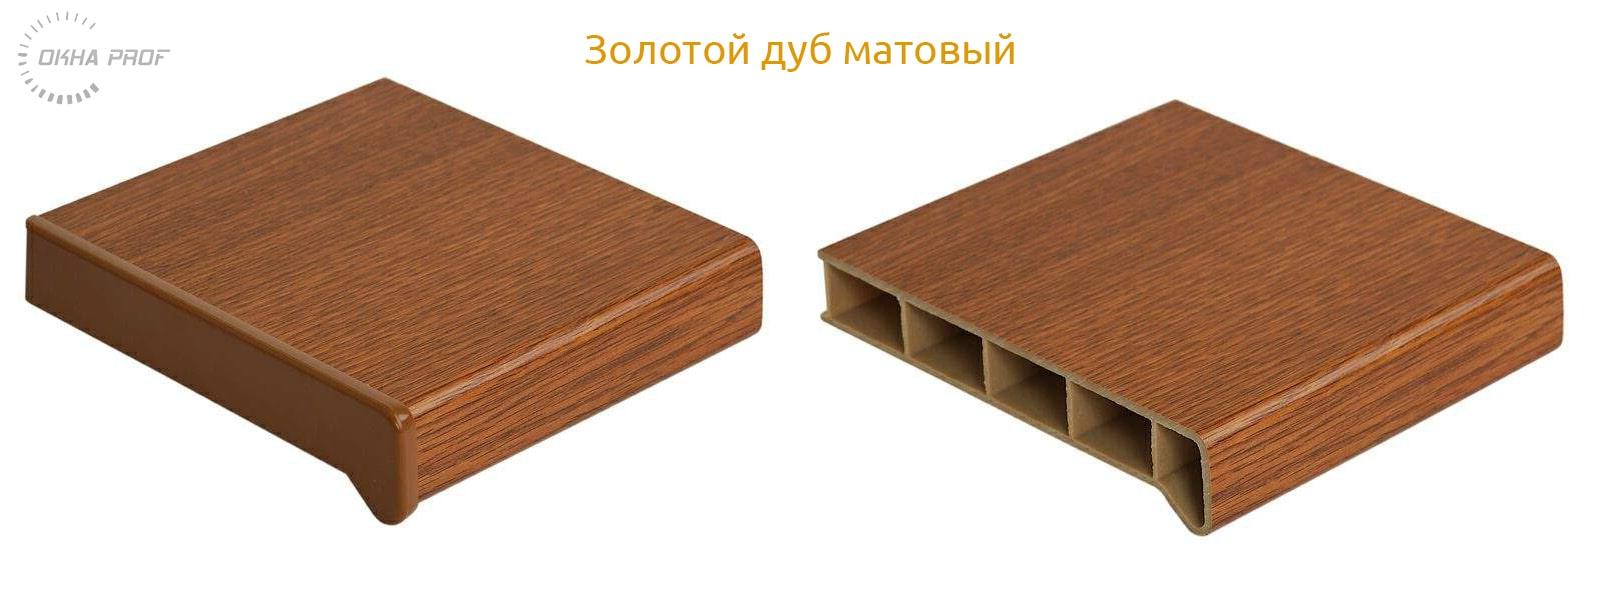 podokonnik-decor-donetsk-oknaprof-moeller-009